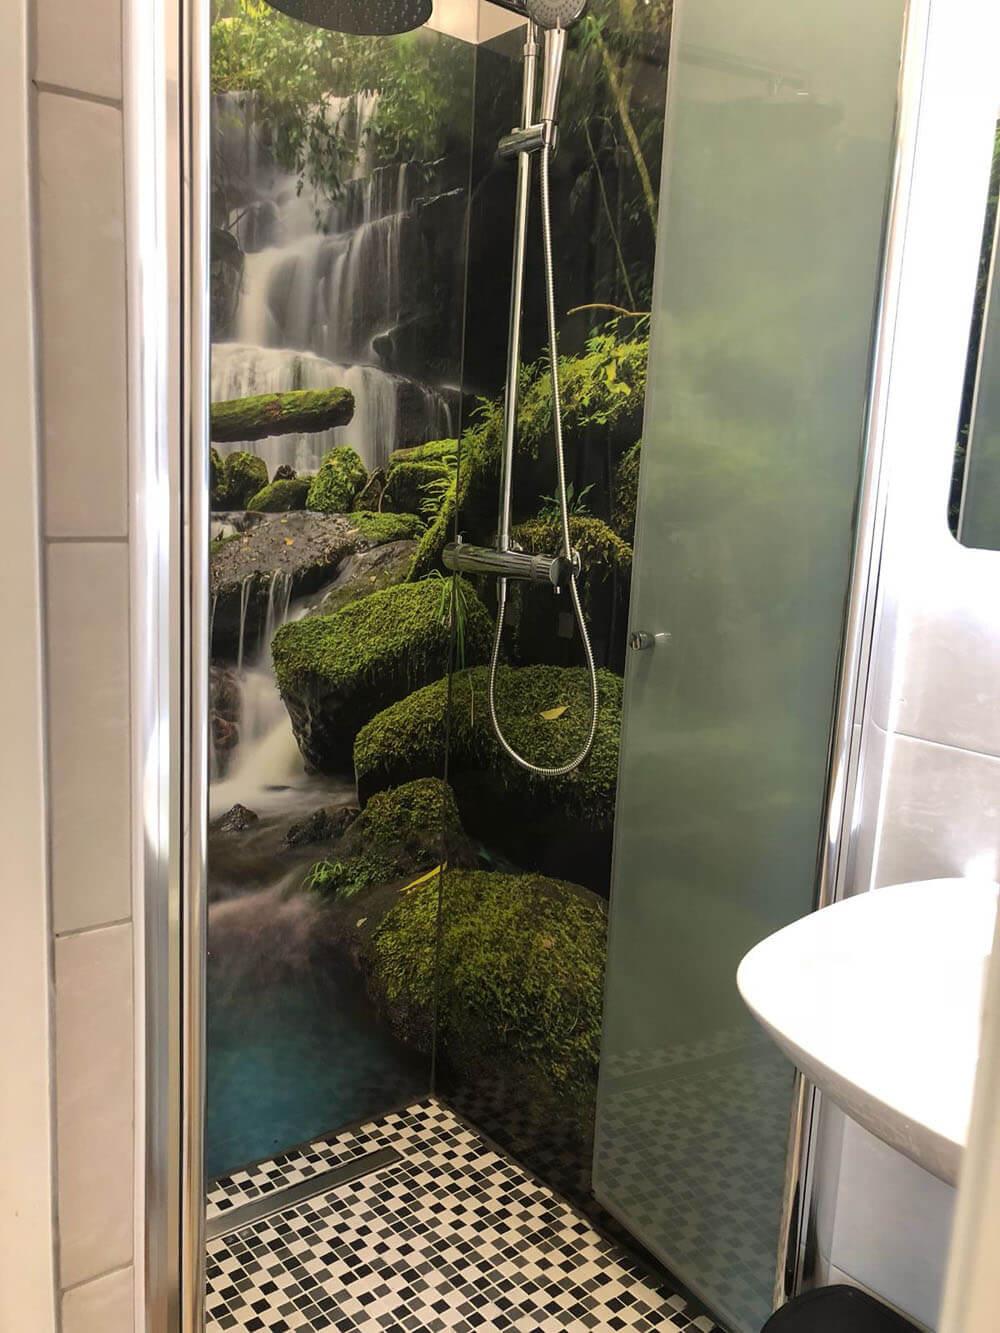 Badezimmer Bedruckt auf Glas für beeindruckende Momente im Bad